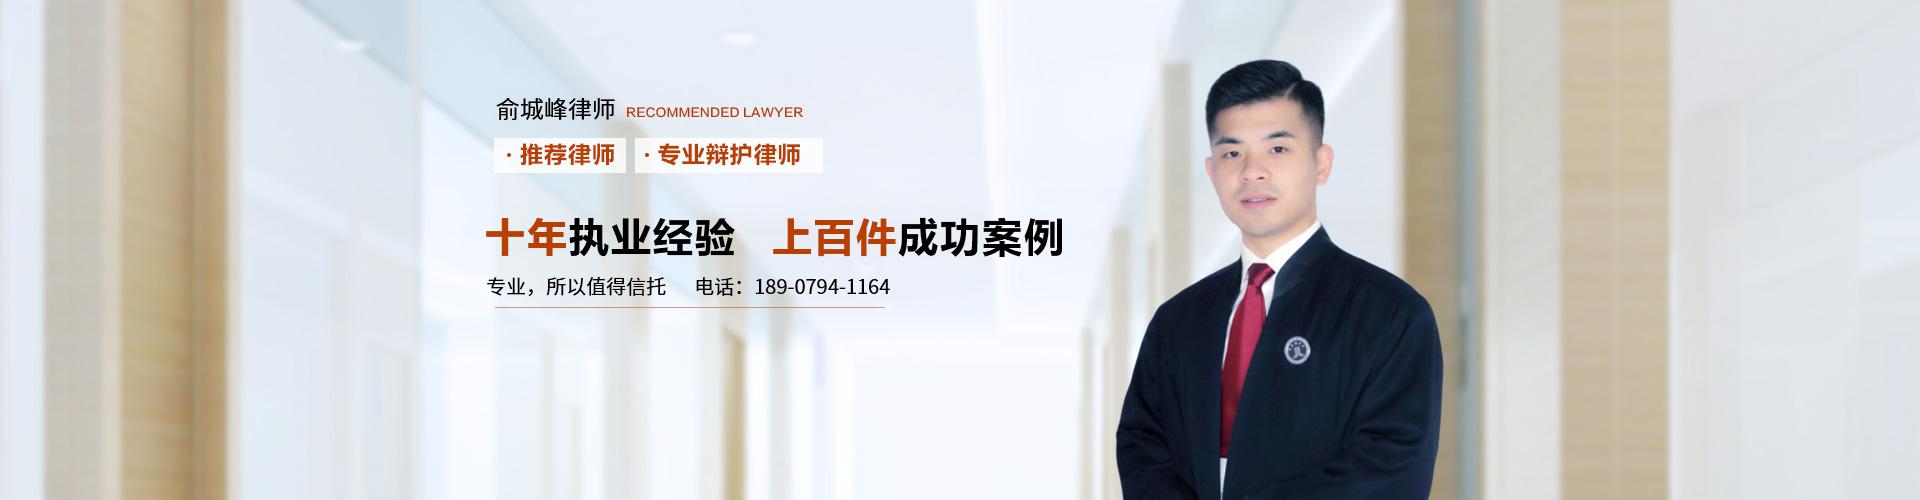 俞城峰律师